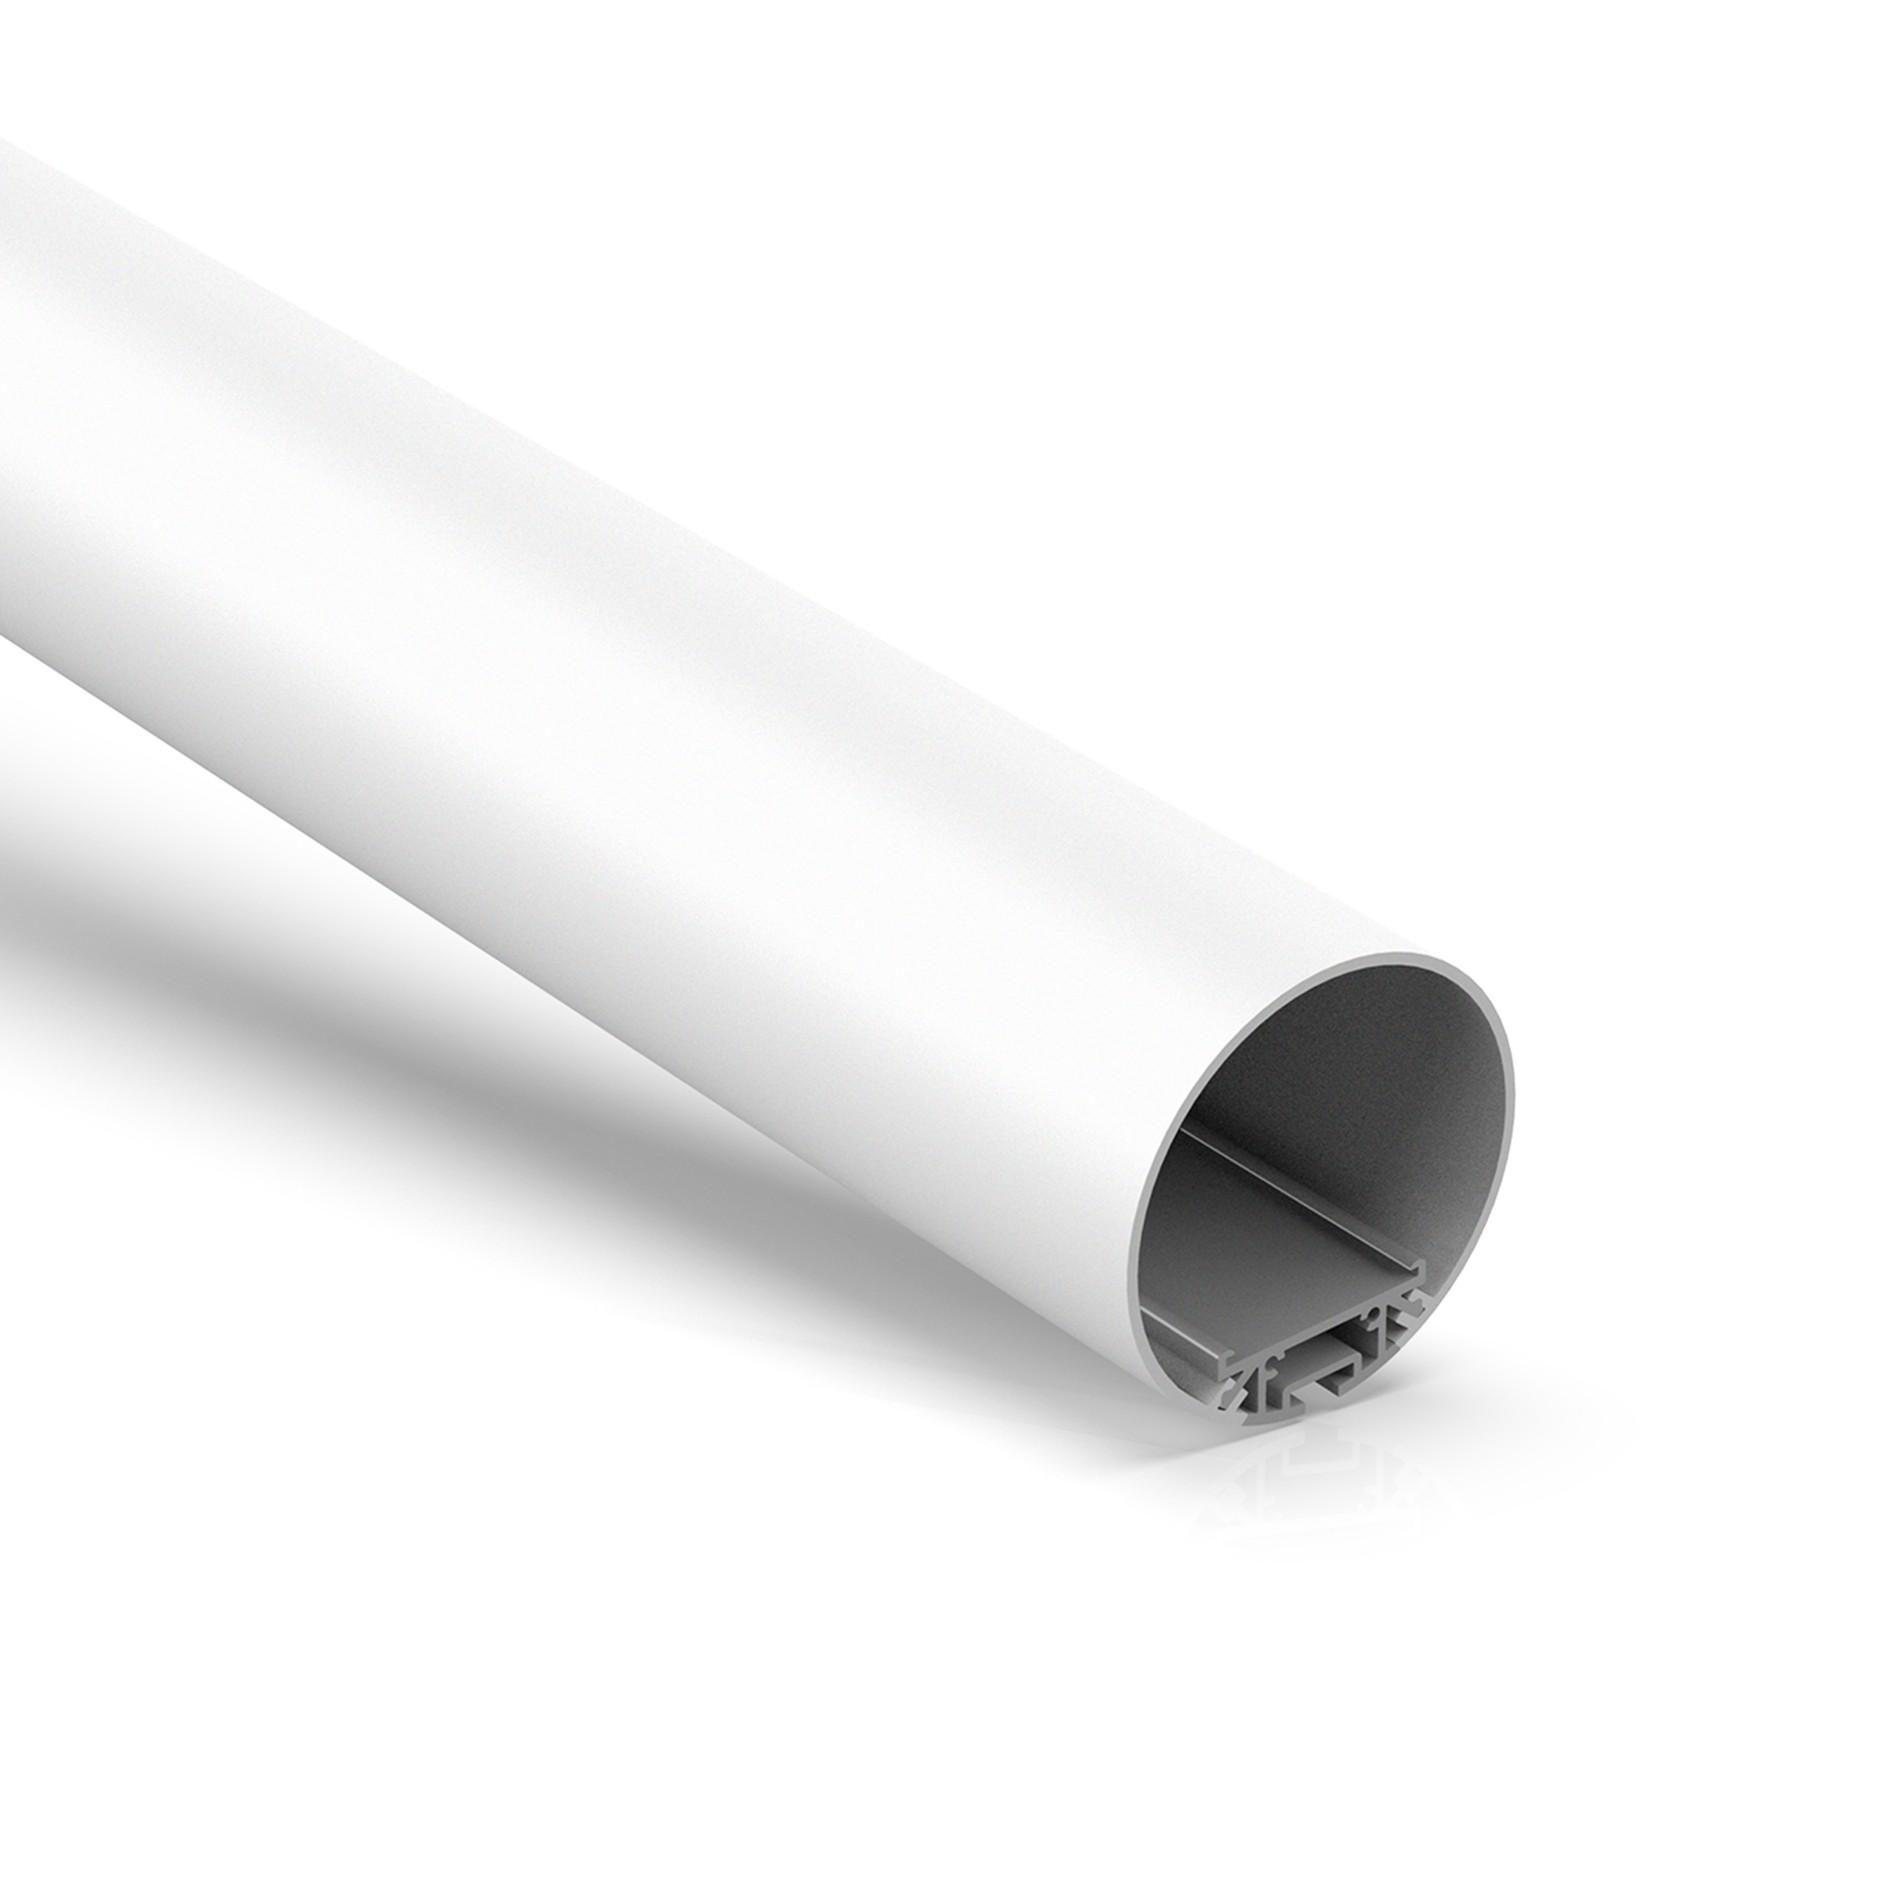 Perfil LED de tubo suspendido R60 para LED Strip dia 60mm